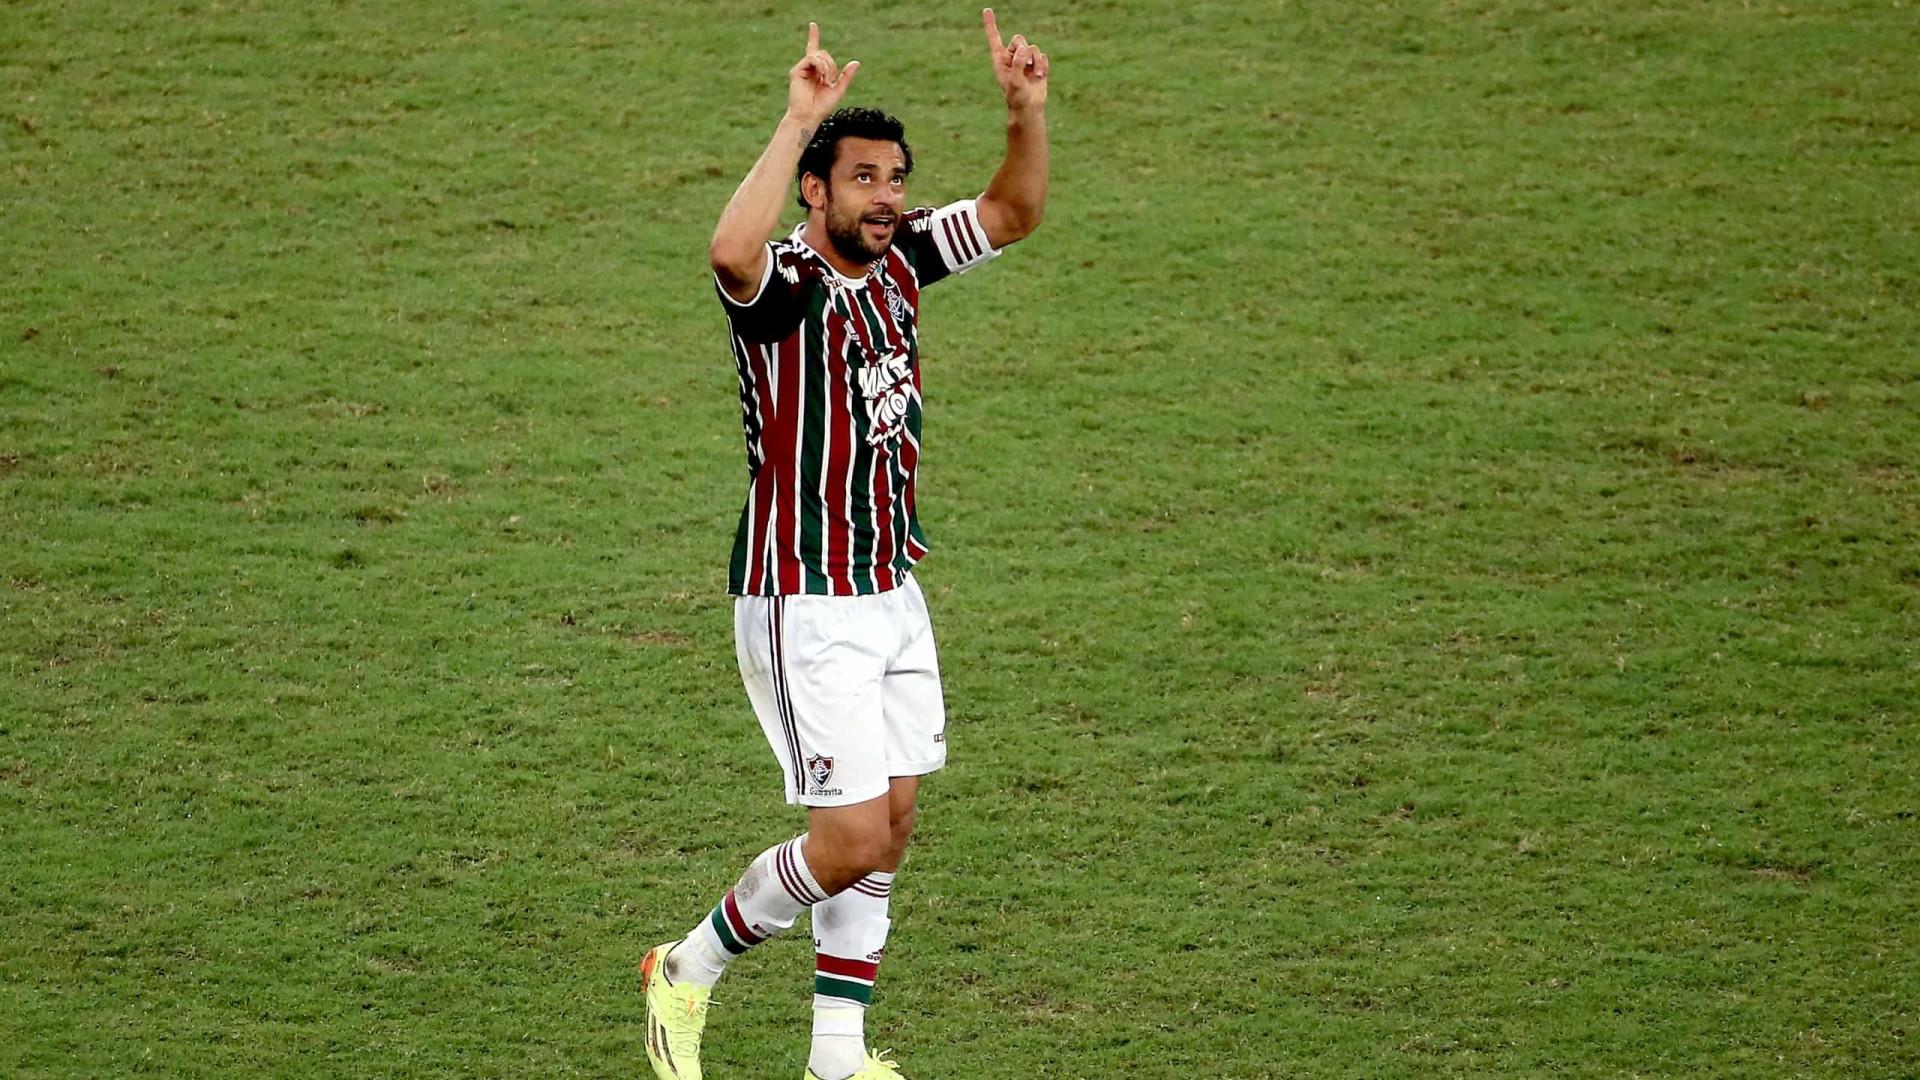 Com retorno de Fred, Fluminense recebe o Grêmio e quer fazer 'sombra' nos líderes